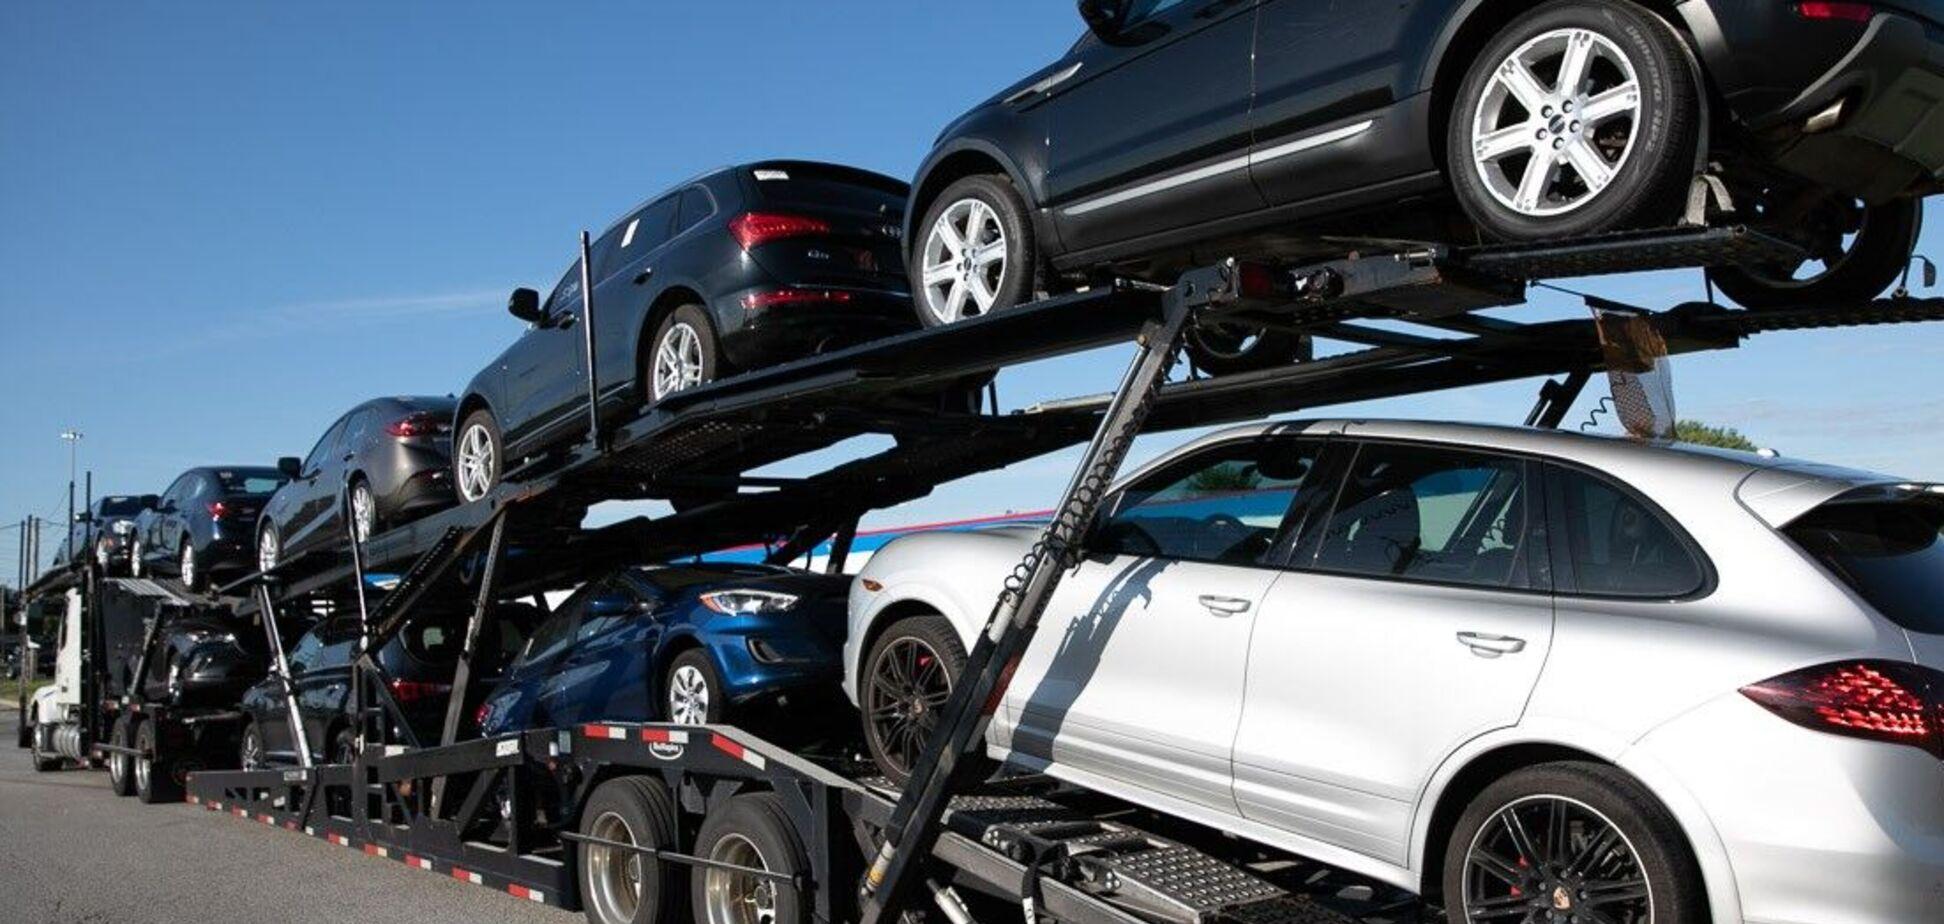 З авто в США виникли проблеми: вони не продаються і старіють